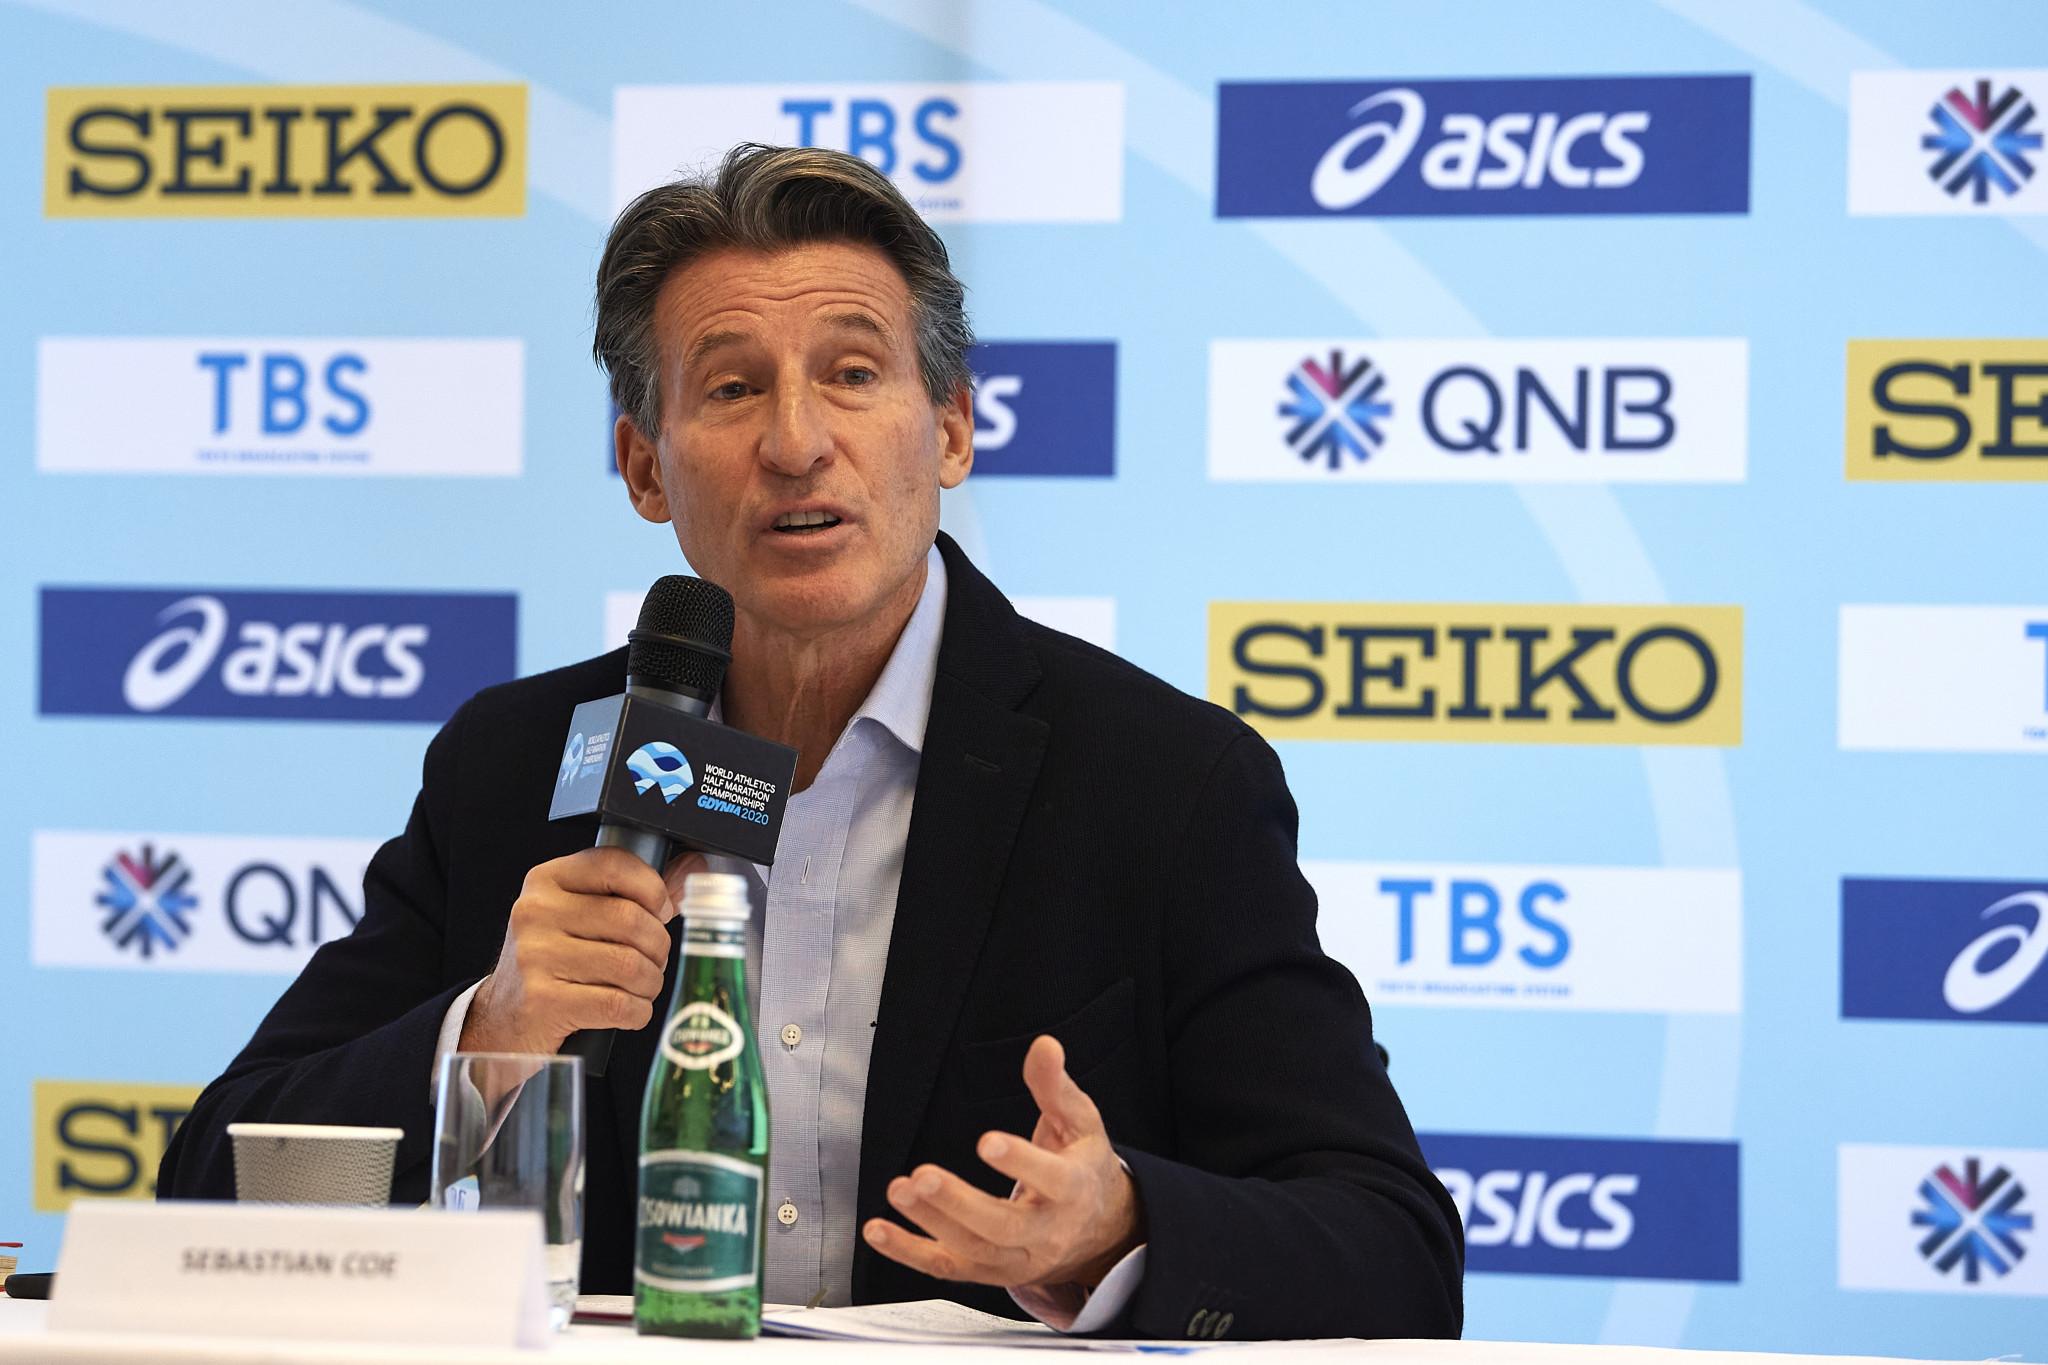 A Coe le preocupa que los atletas de Tokio 2020 puedan ser